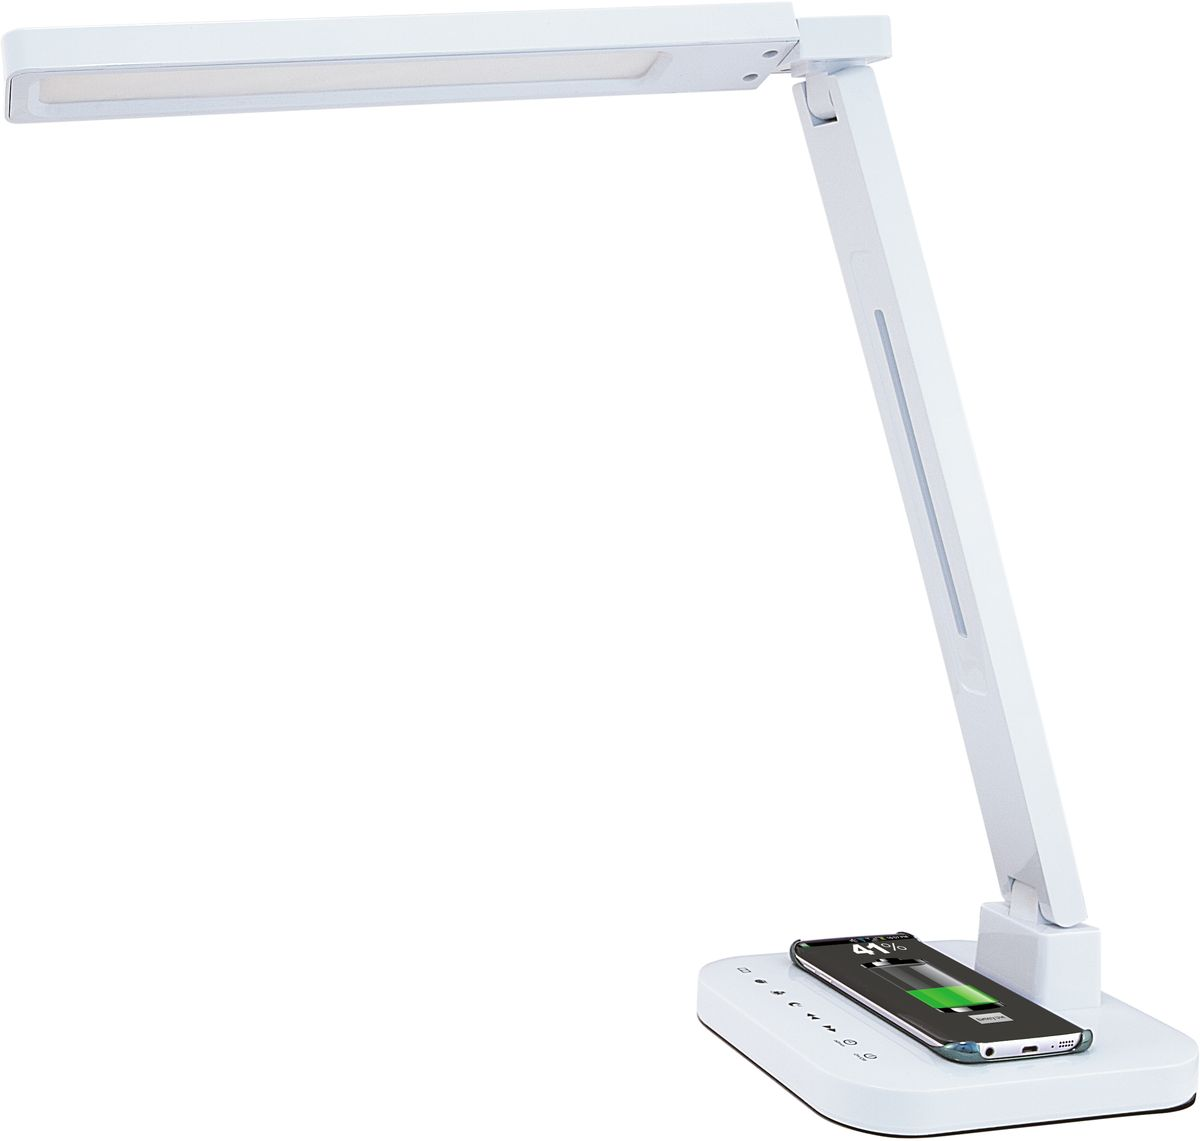 Лампа настольная Лючия Smart Qi, светодиодная, цвет: белый, 15W. L9004606400105459Настольный светильник. Предназначен для местного освещения внутри помещений. Напряжение сети 230 В, частота 50 Гц. Цветопередача Ra > 90. Источник света: SMD светодиоды, 48 шт.– Беспроводная зарядка Qi. – USB-разъем для подзарядки 5 В 2 А. – Cенсорное управление. – 4 режима. Цветовая температура света в диапазоне от 2700 до 6600 К. – Дискретное изменение яркости свечения (5 уровней). – Запоминание выбранного уровня яркости в каждом режиме.Кнопка: режим чтениеКнопка: режим учебаКнопка: режим релаксацияКнопка: режим сонКнопка: уменьшение яркостиКнопка: увеличение яркостиКнопка: таймер на 60 минКнопка: включение/ выключениеРазъем для адаптера для сети 230 В